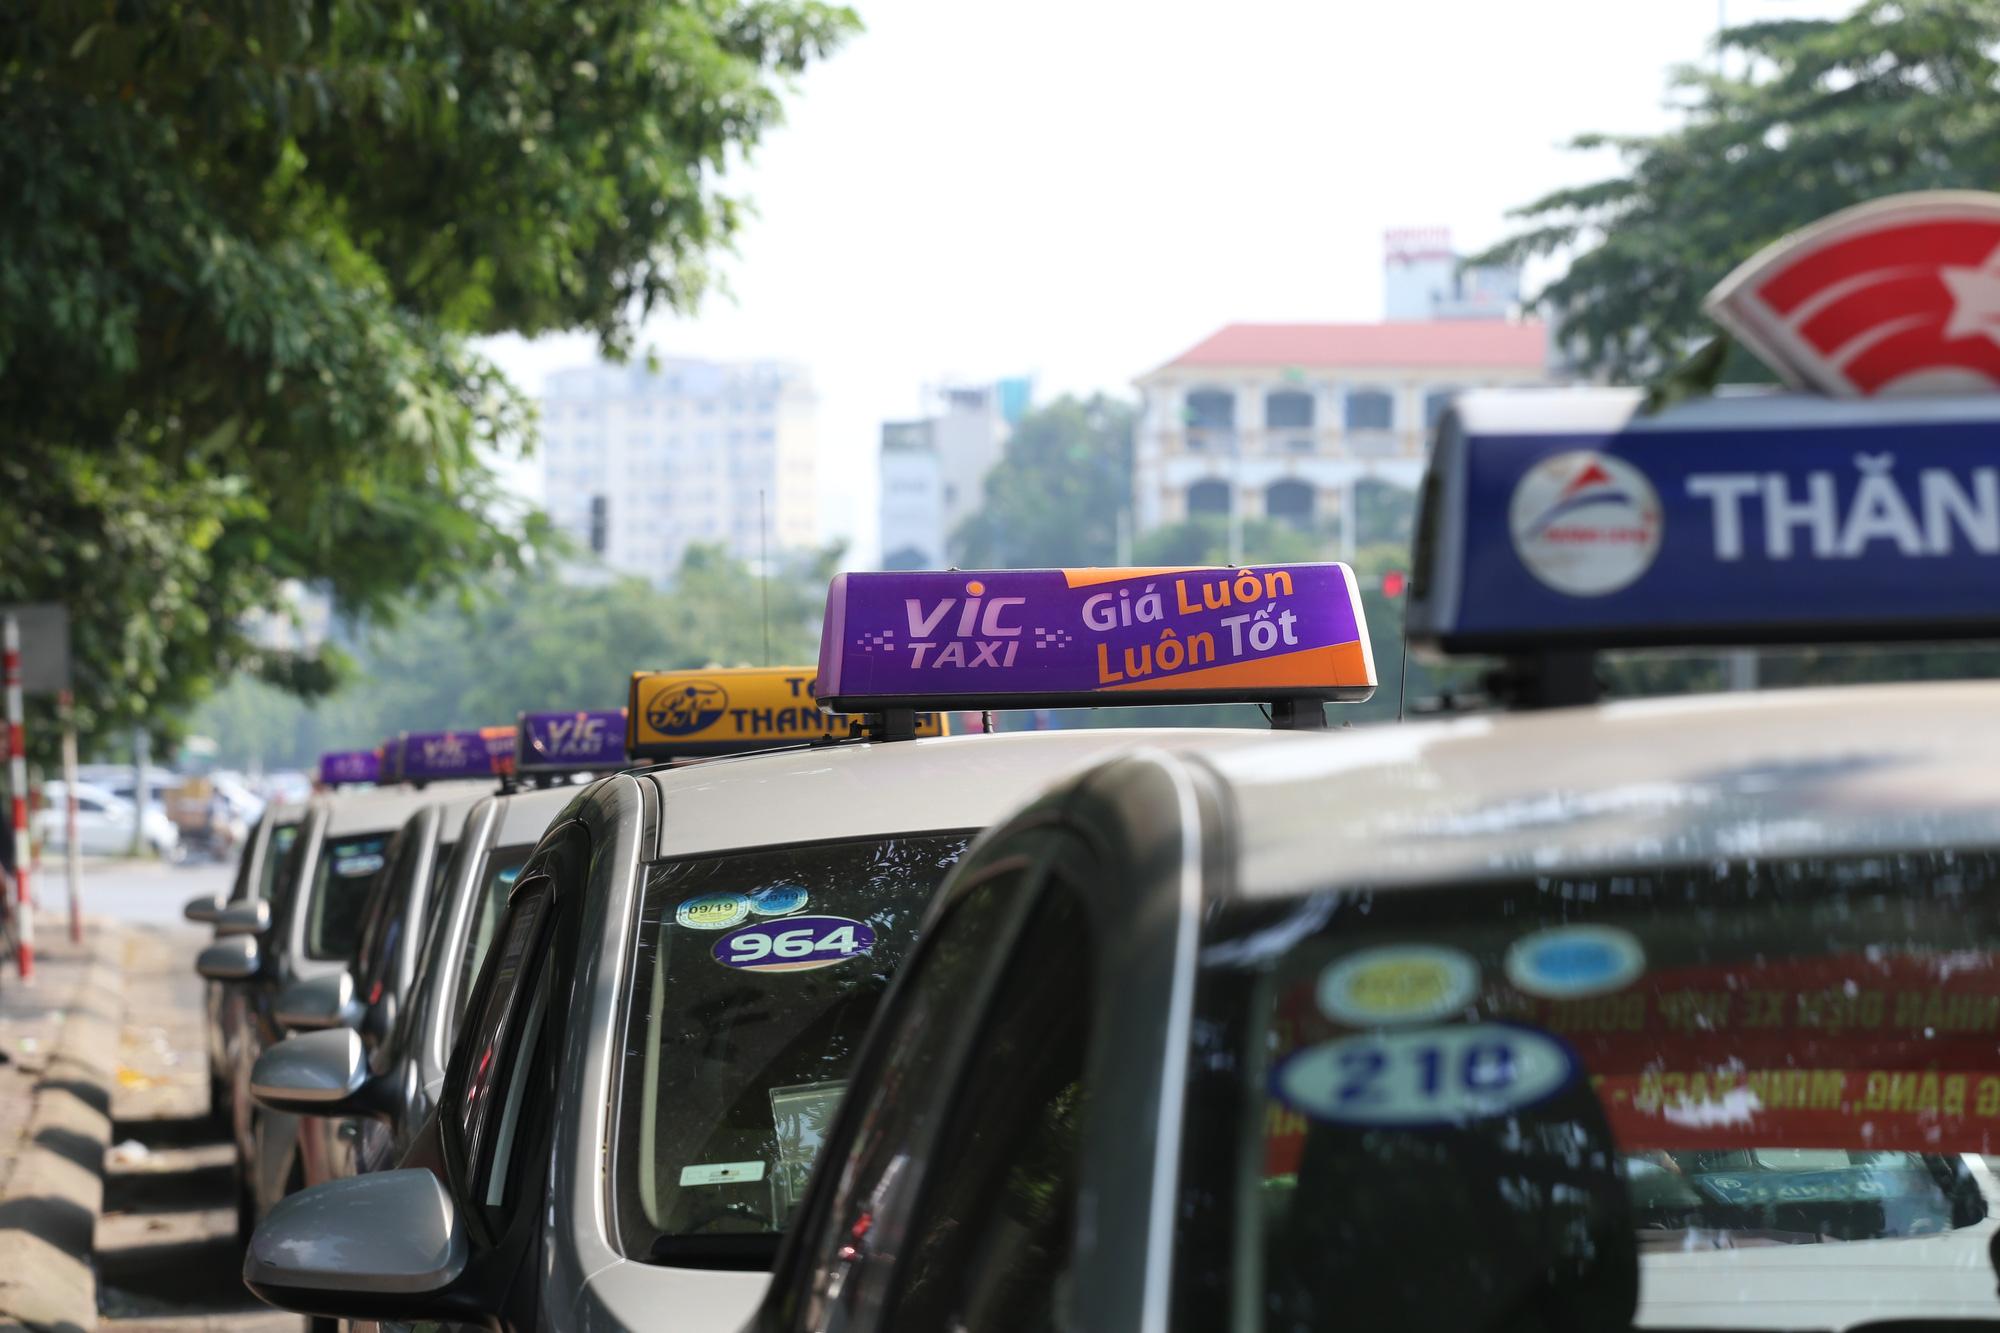 Đề xuất bỏ biển cấm taxi, xe hợp đồng dưới 9 chỗ trên 10 tuyến phố ở Hà Nội - Ảnh 1.